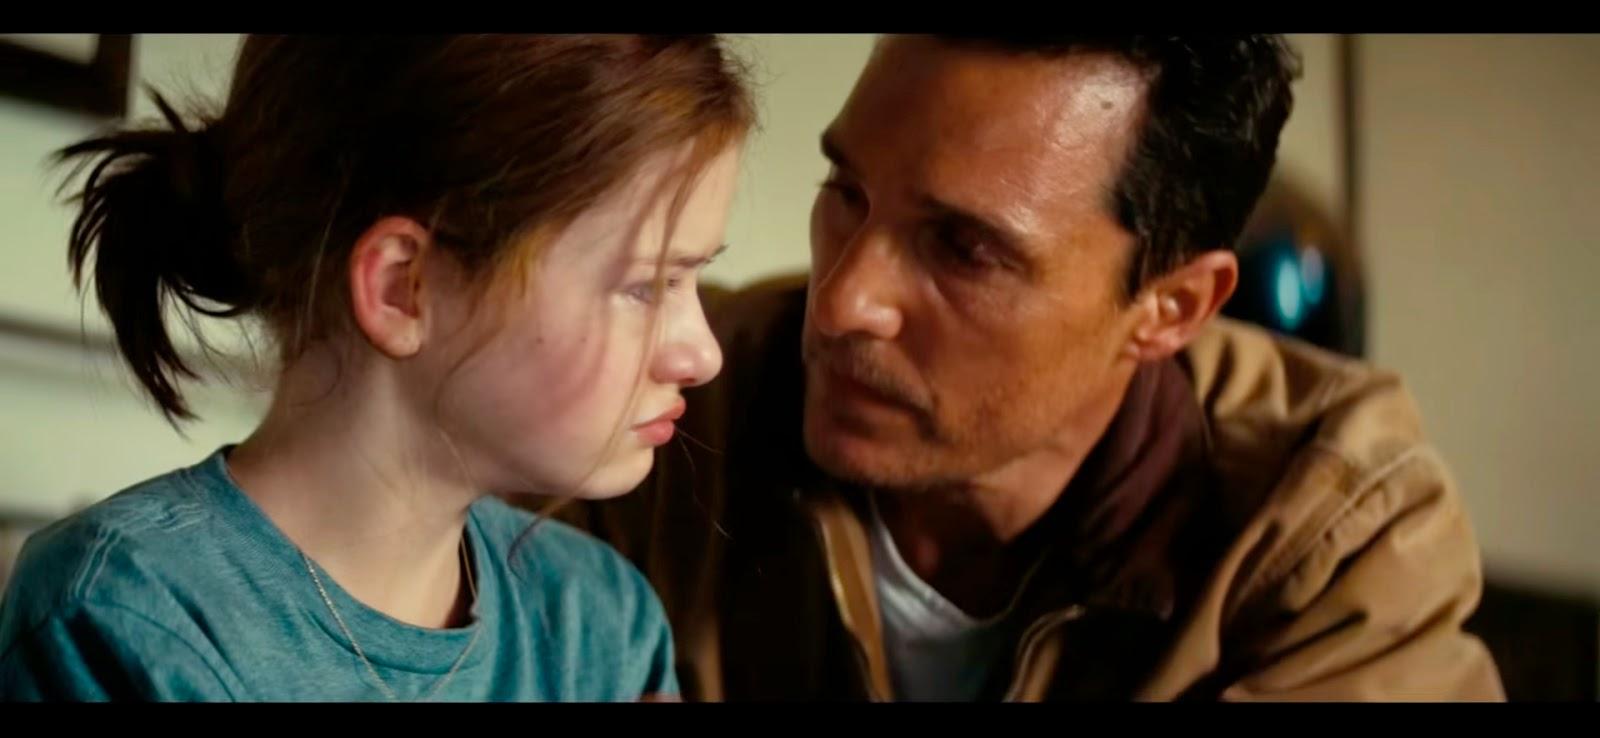 Padre e hija. La relación más importante de la película.